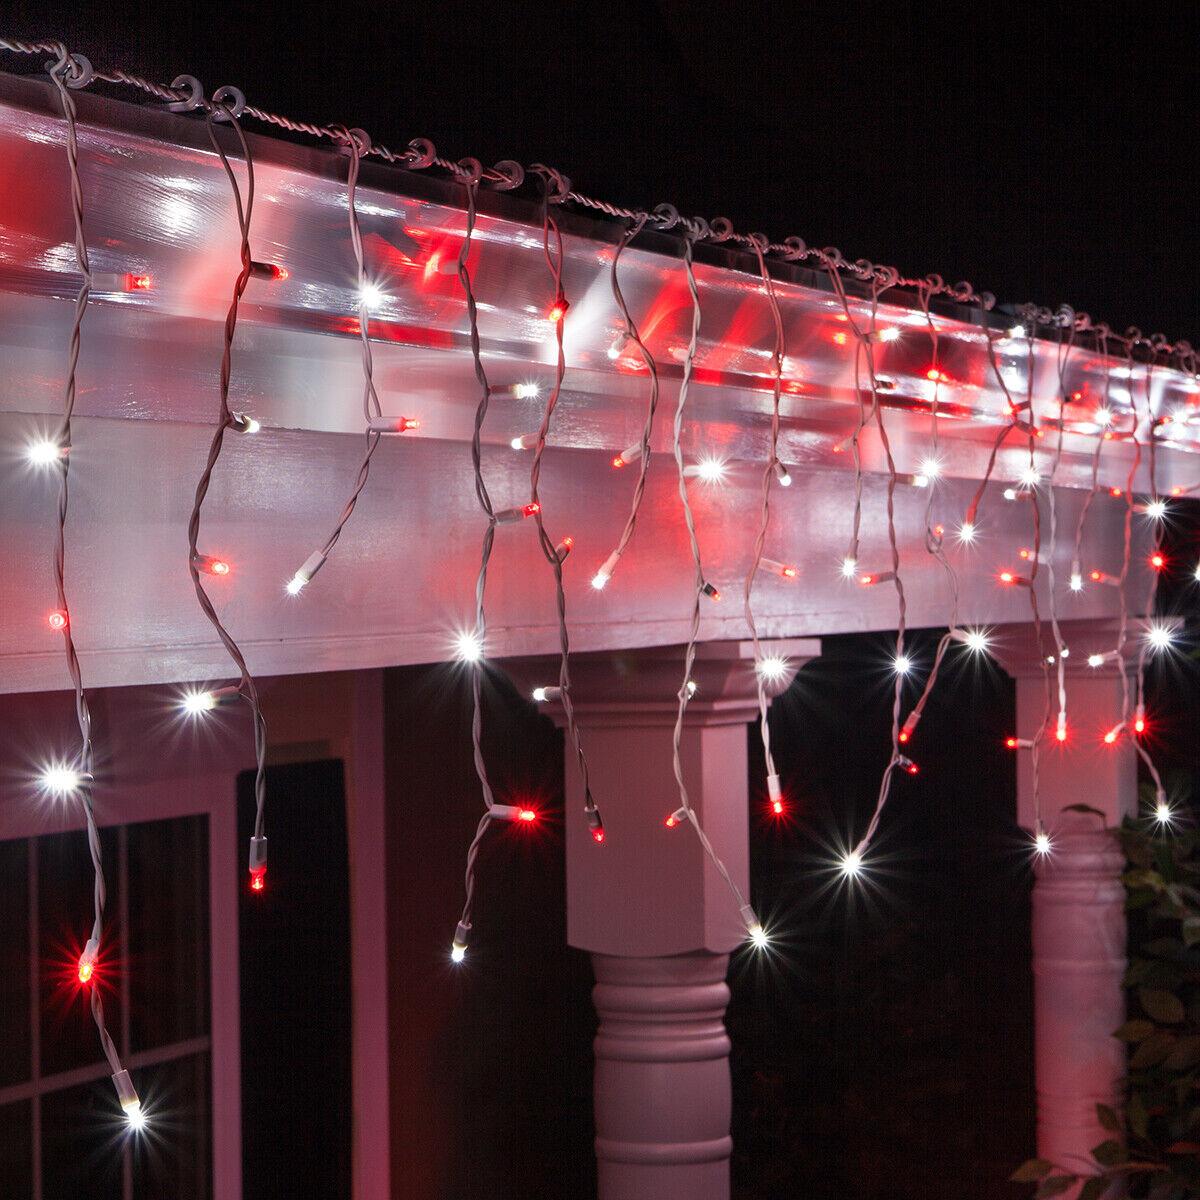 70 light led christmas icicle lights set